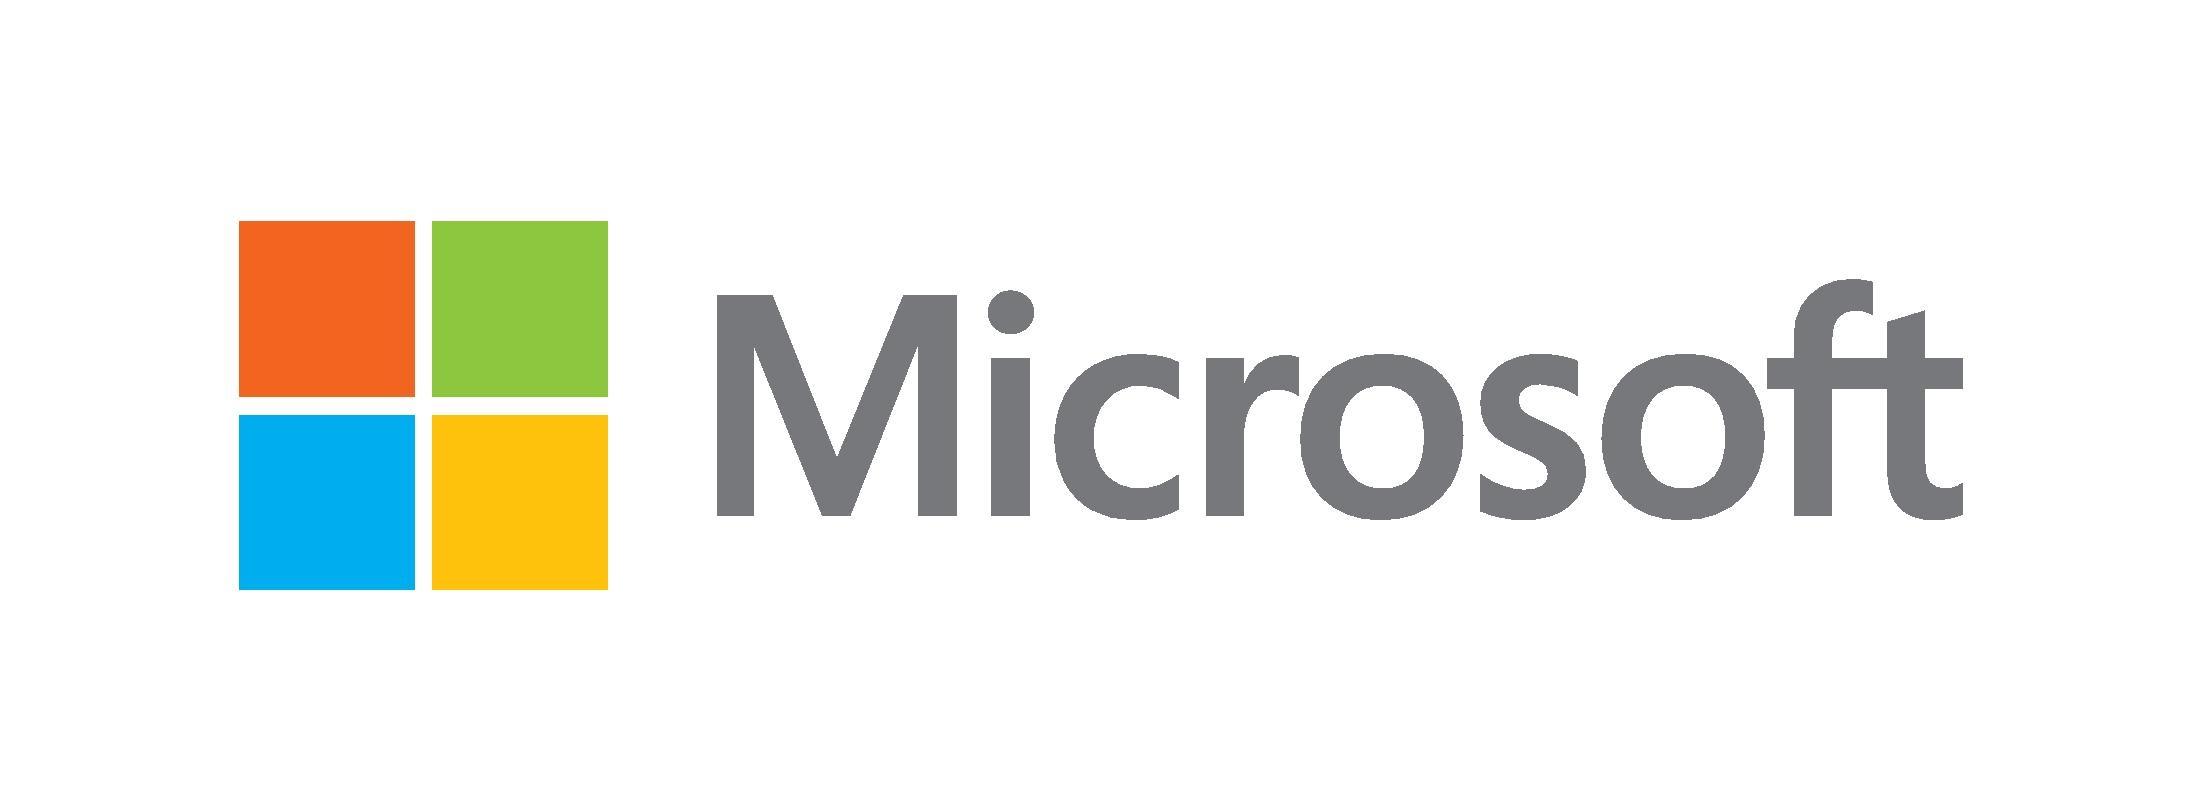 Microsoft: spadł zysk mimo większych przychodów